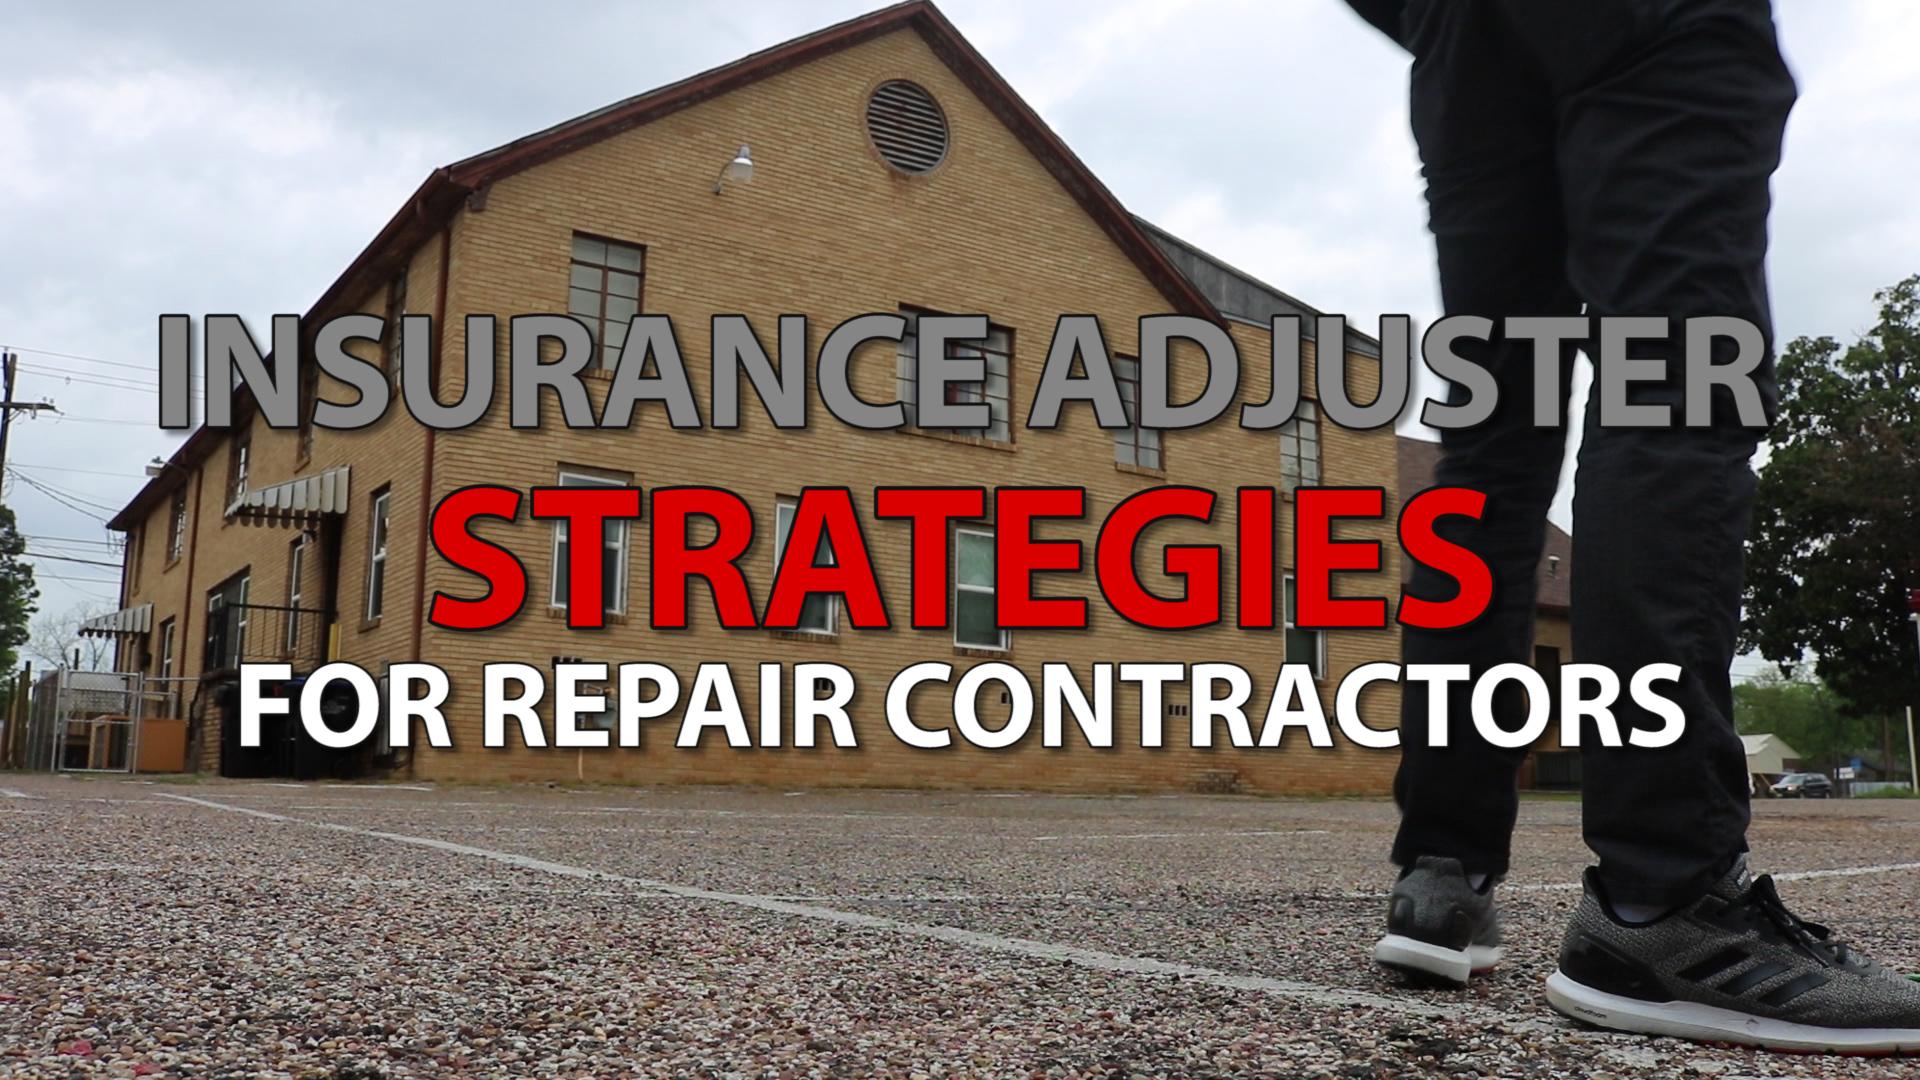 Effective Insurance Adjuster Strategies - For Contractors ...